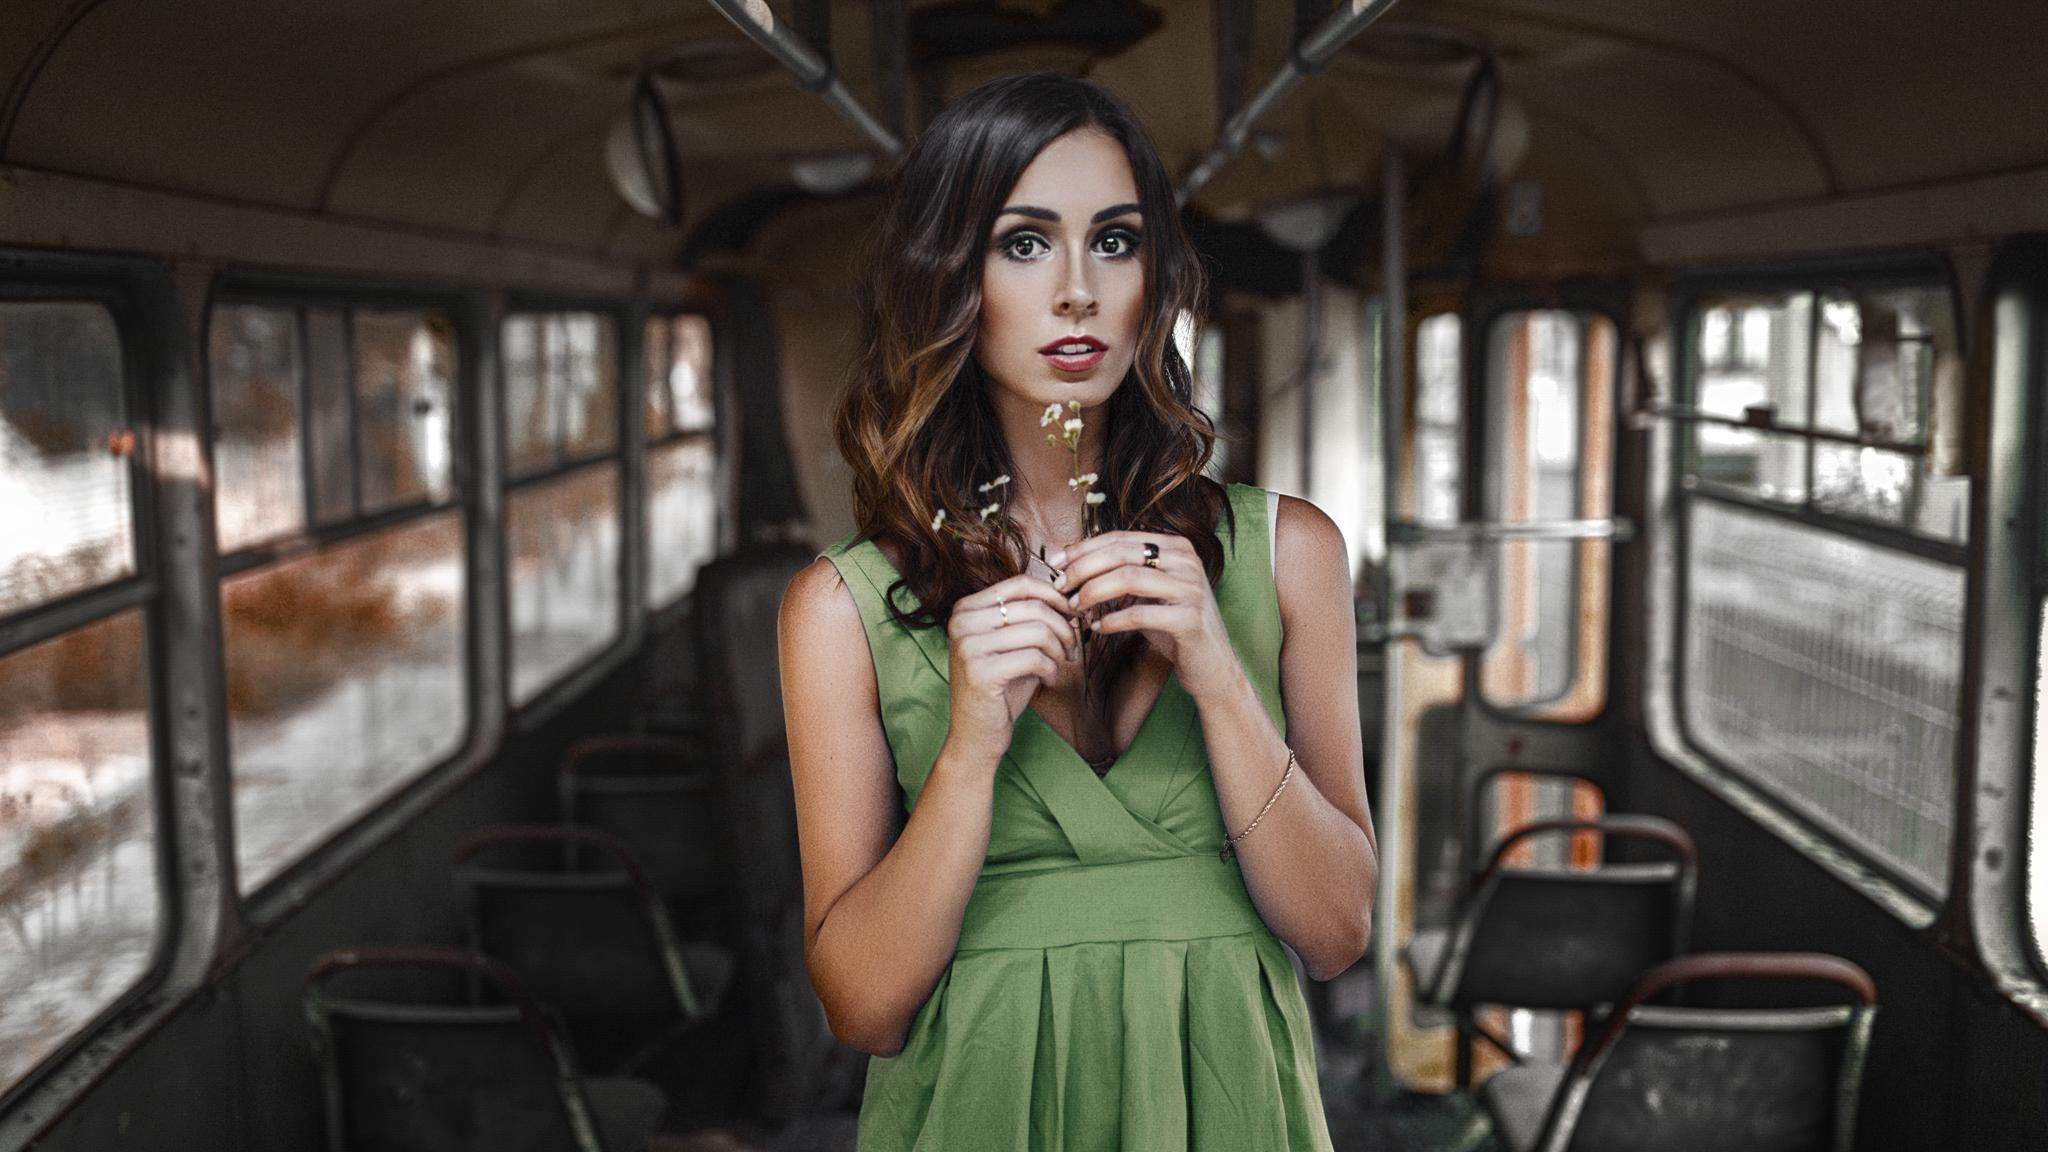 Sesja zdjęciowa we Wrocławiu w tramwaju